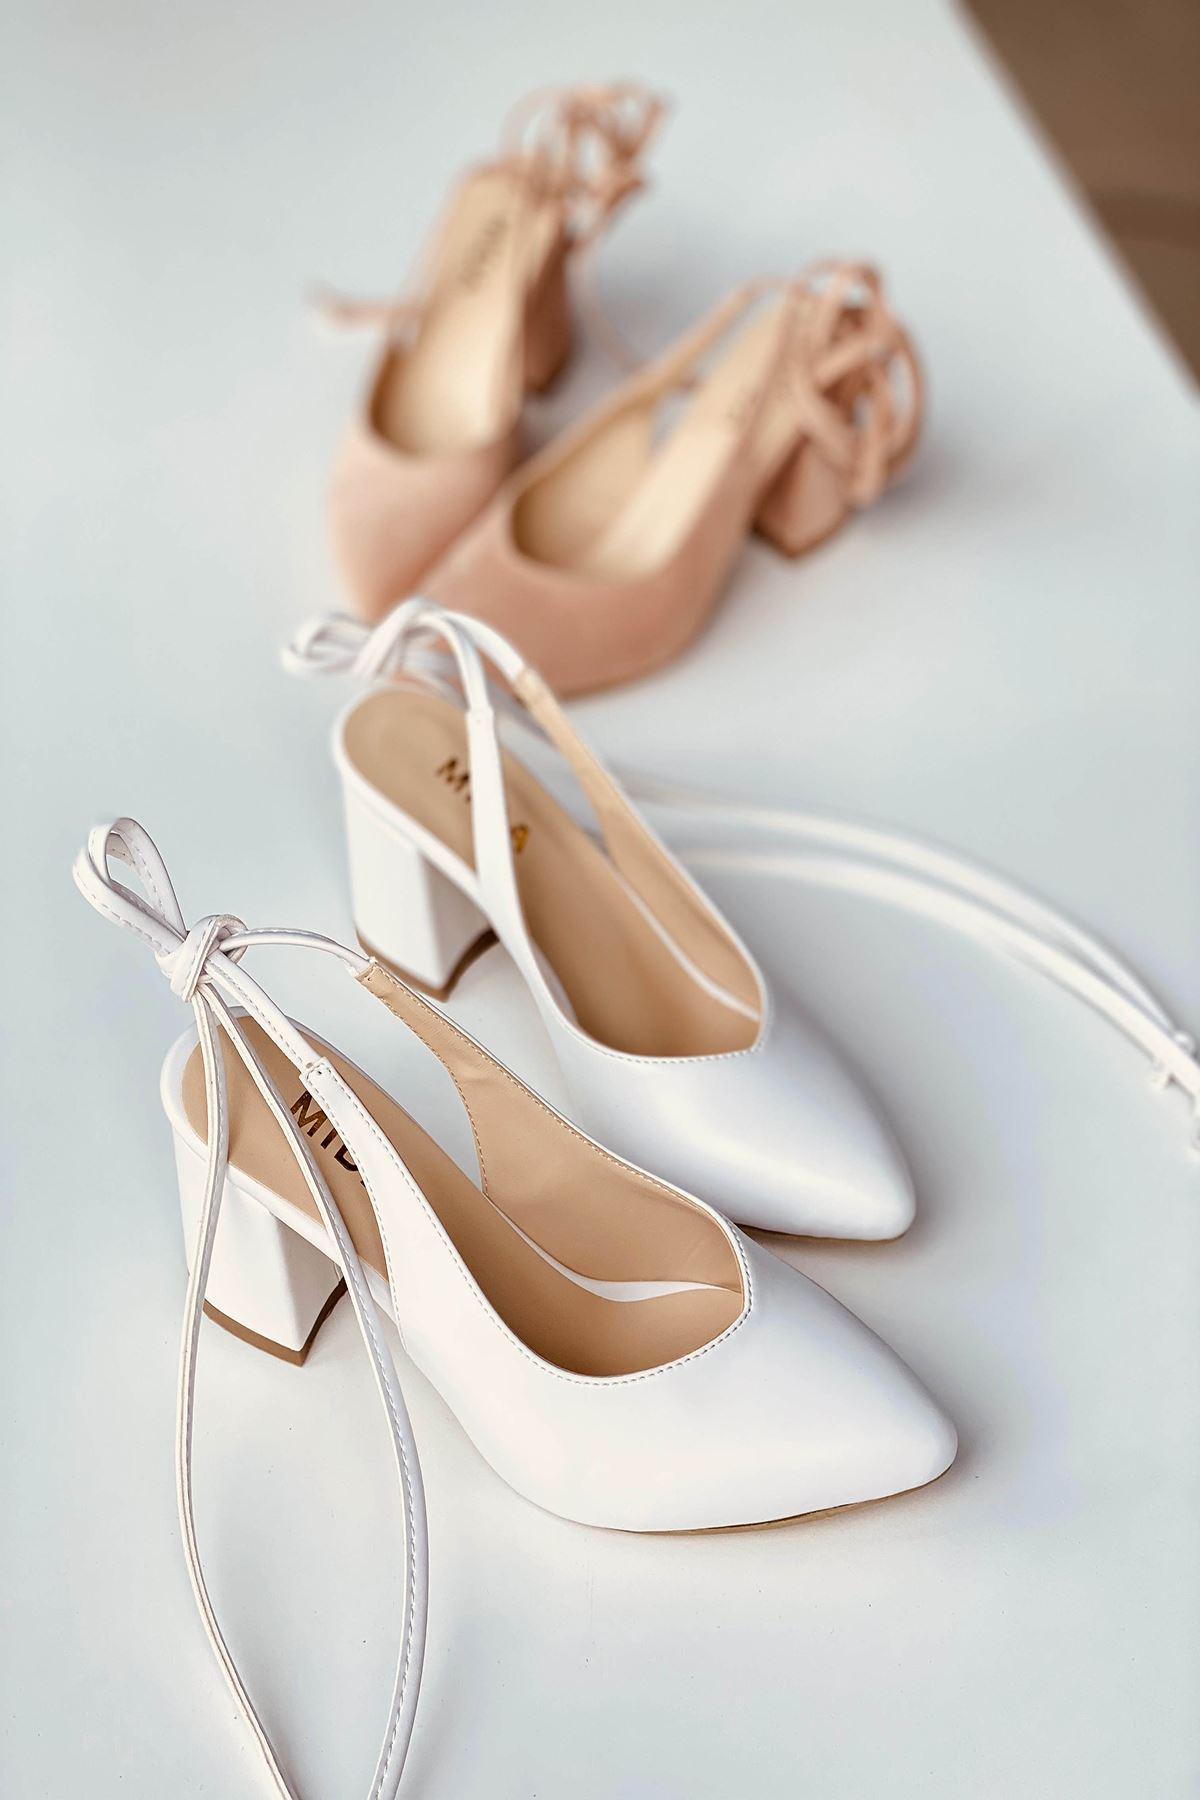 Y114 Beyaz Cilt Topuklu Ayakkabı